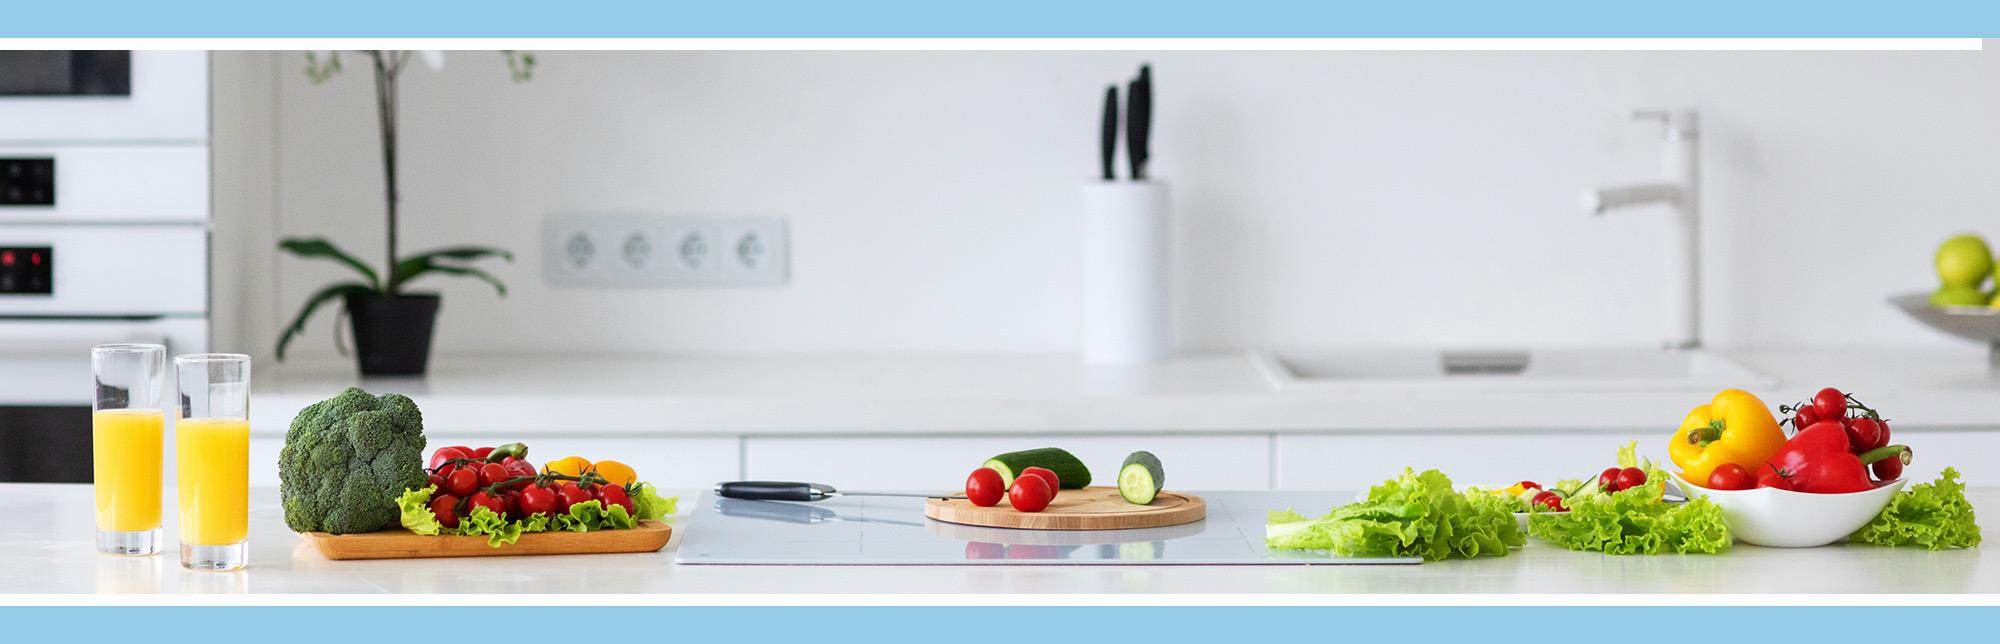 Imagen de una cocina con comida sana de Reto 3K